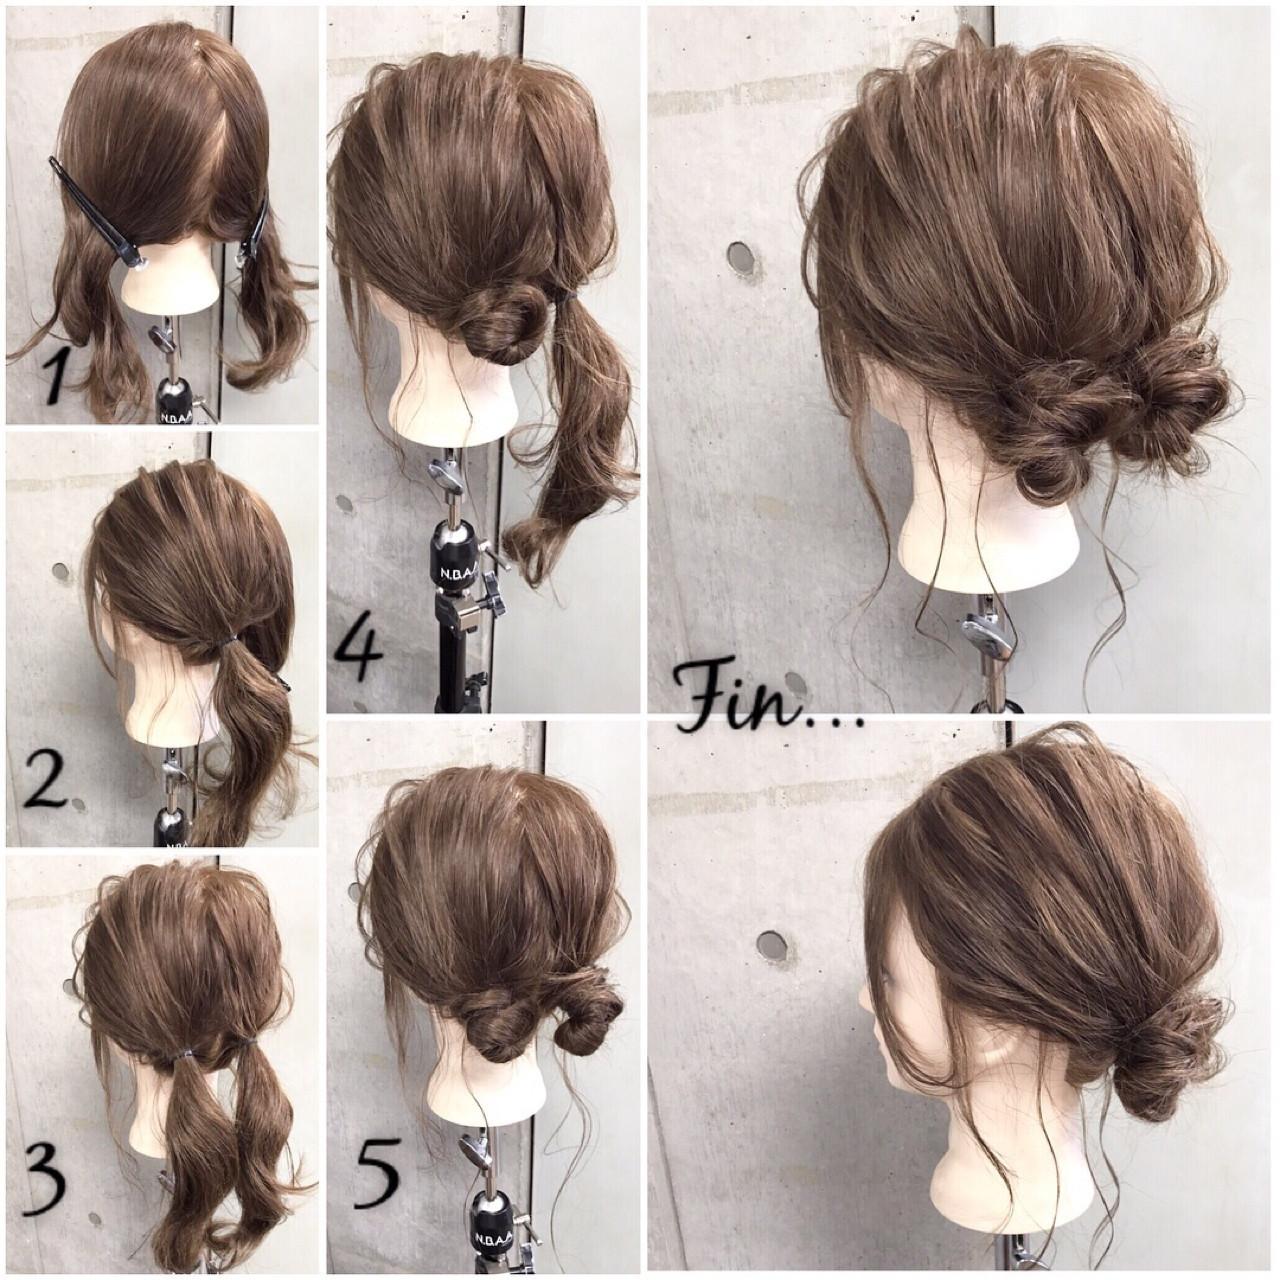 【保存版】まとめ髪をするときのおすすめヘアワックス特集♡の10枚目の画像